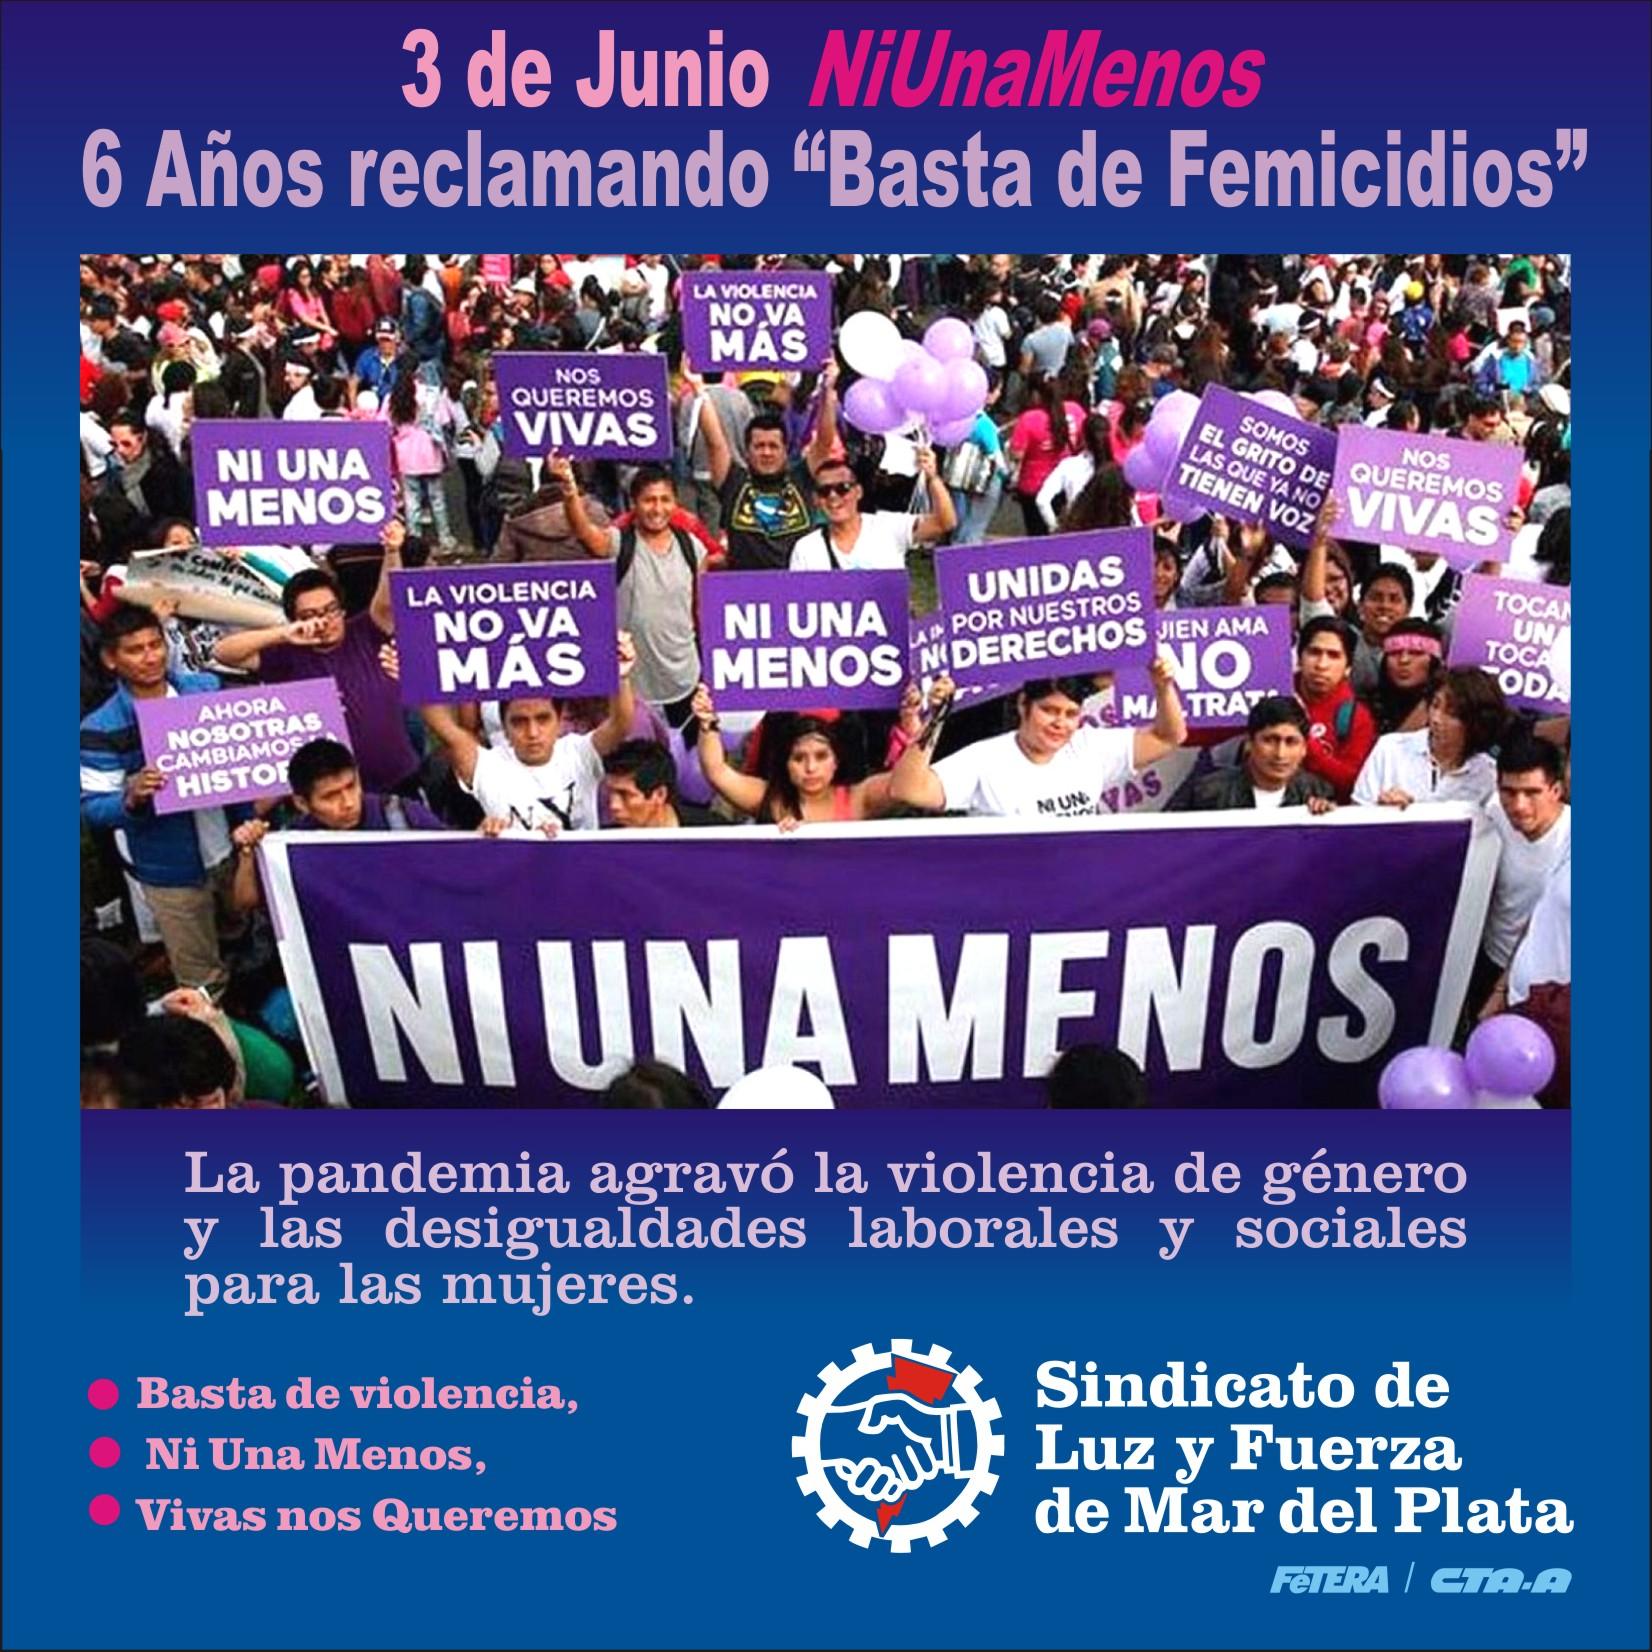 3 DE JUNIO #NIUNAMENOS: 6 AÑOS RECLAMANDO